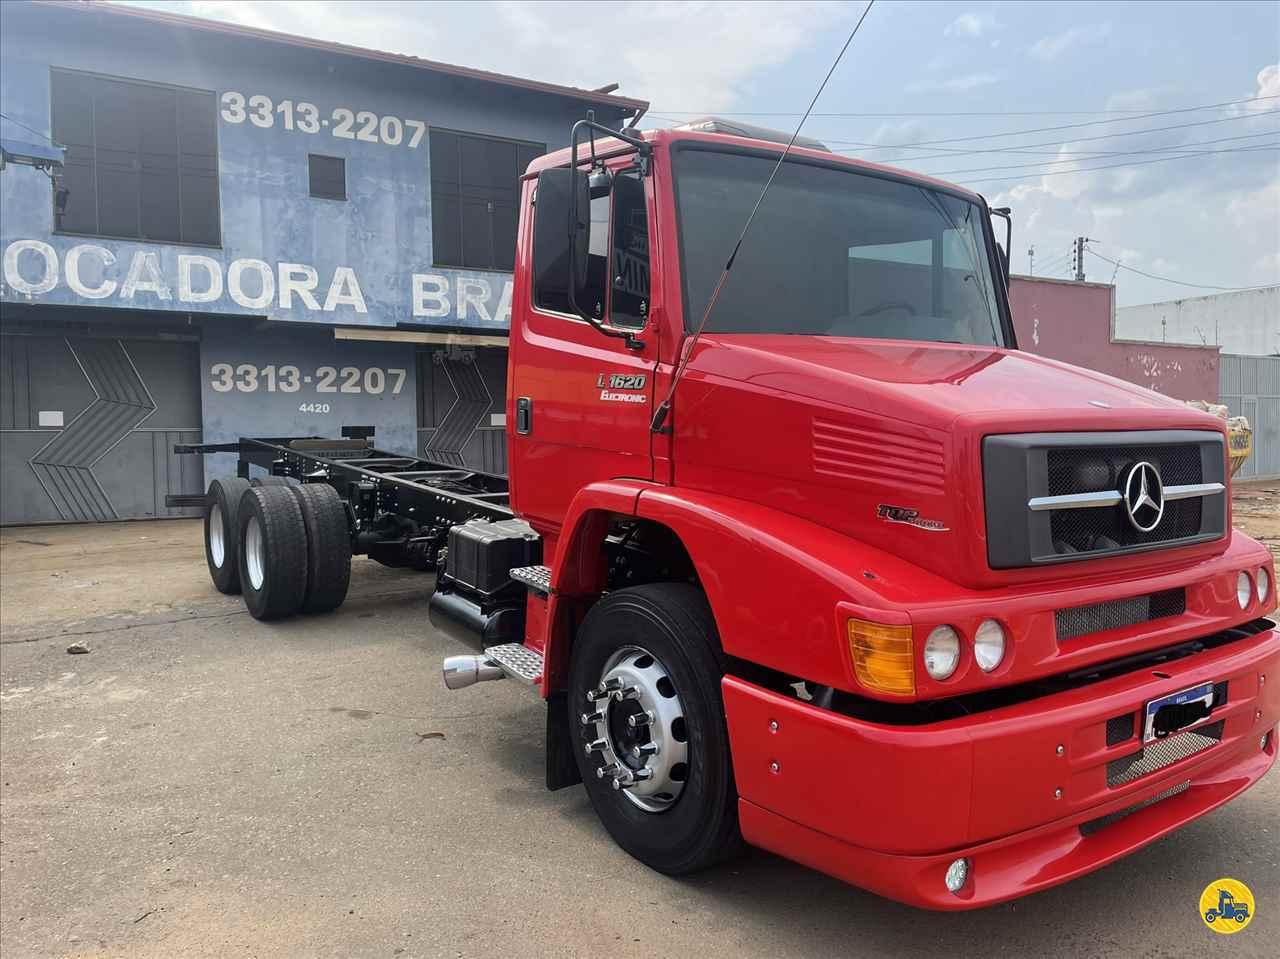 CAMINHAO MERCEDES-BENZ MB 1620 Chassis Truck 6x2 Gaúcho Caminhões ANAPOLIS GOIAS GO